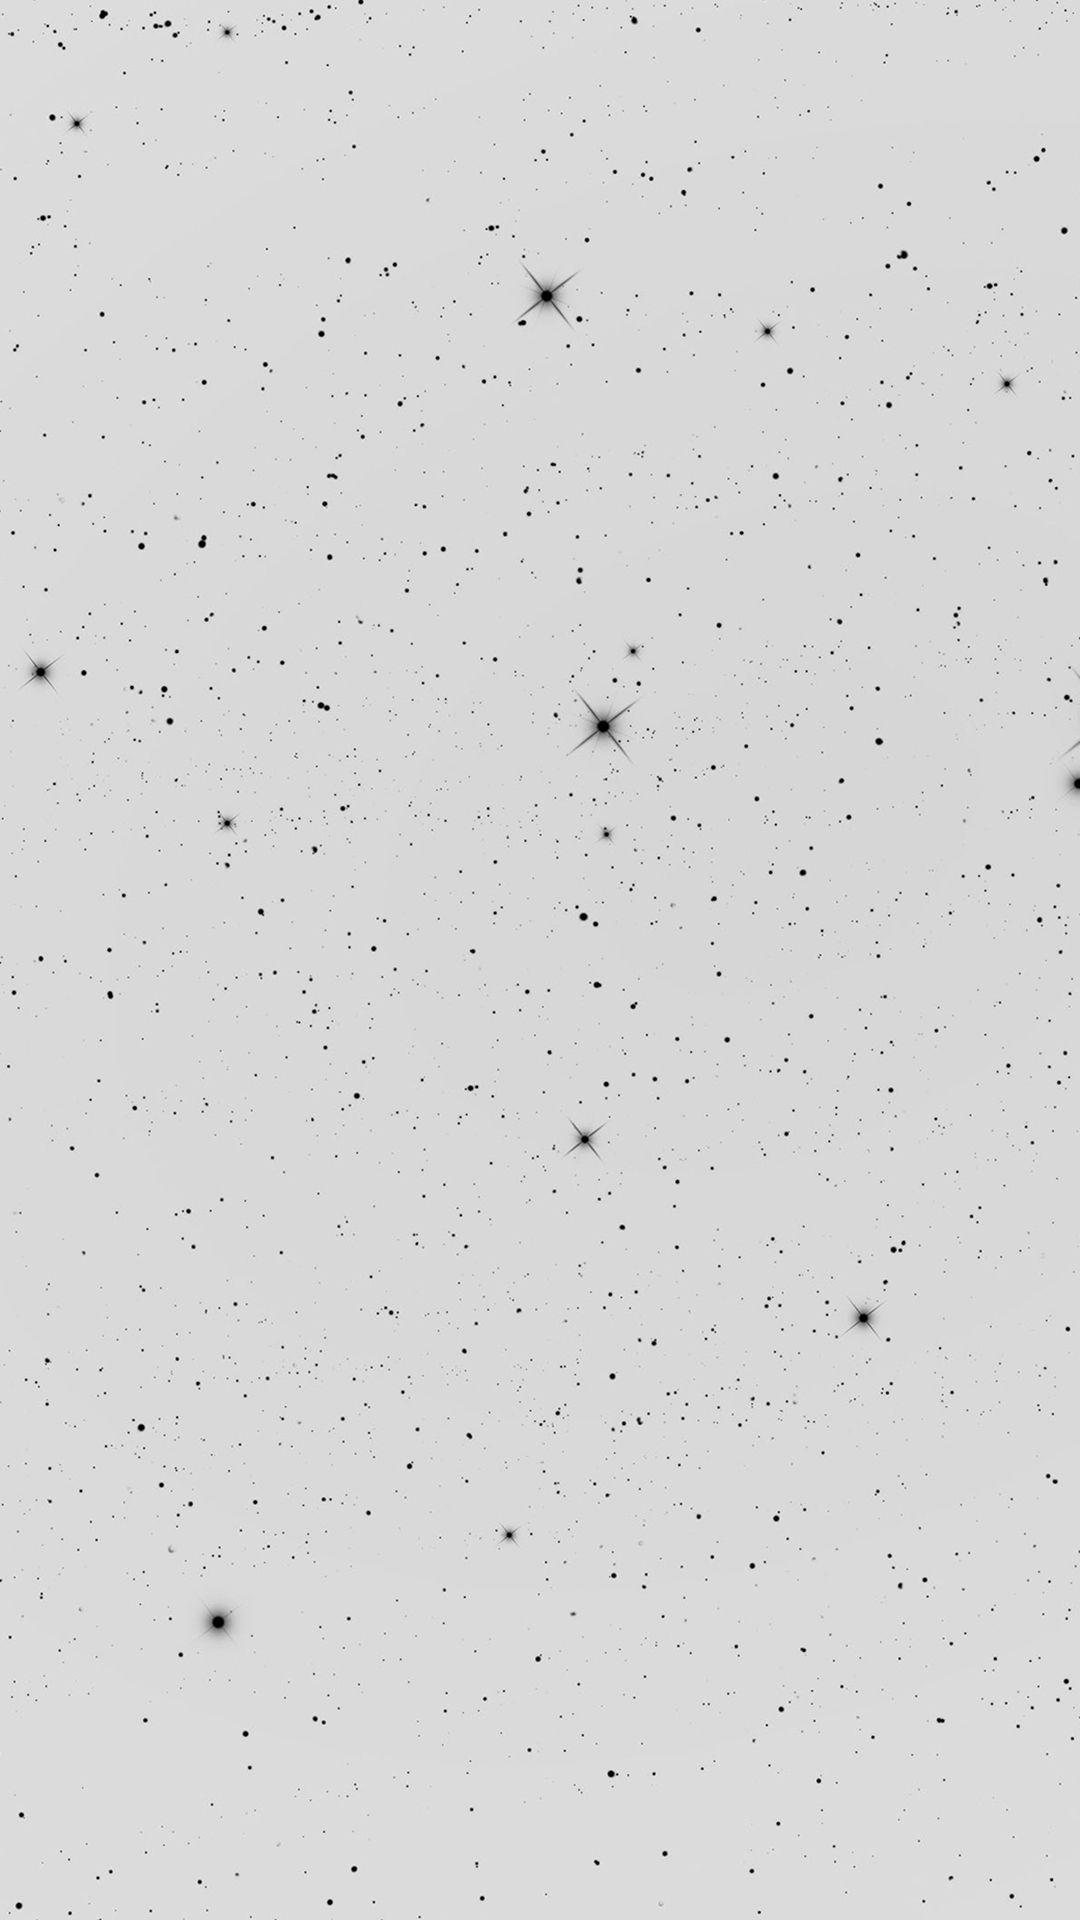 Space Star Night Dark White Iphone 6 Wallpaper Download Iphone Wallpapers Ipad Wallpapers Plain Wallpaper Iphone Wallpaper Space White Wallpaper For Iphone